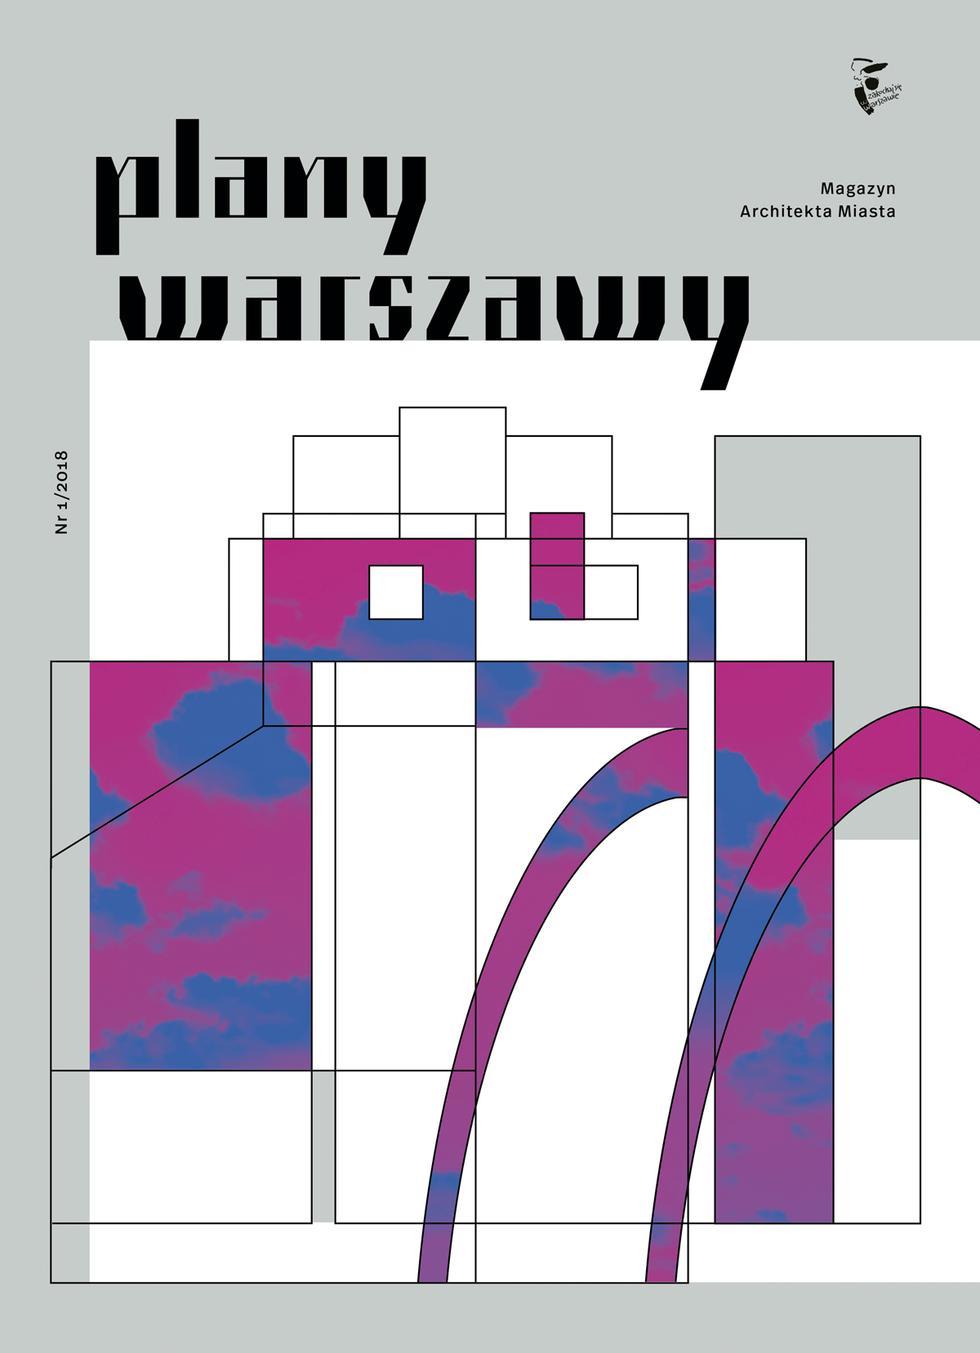 Plany Warszawy. Magazyn Architekta Miasta